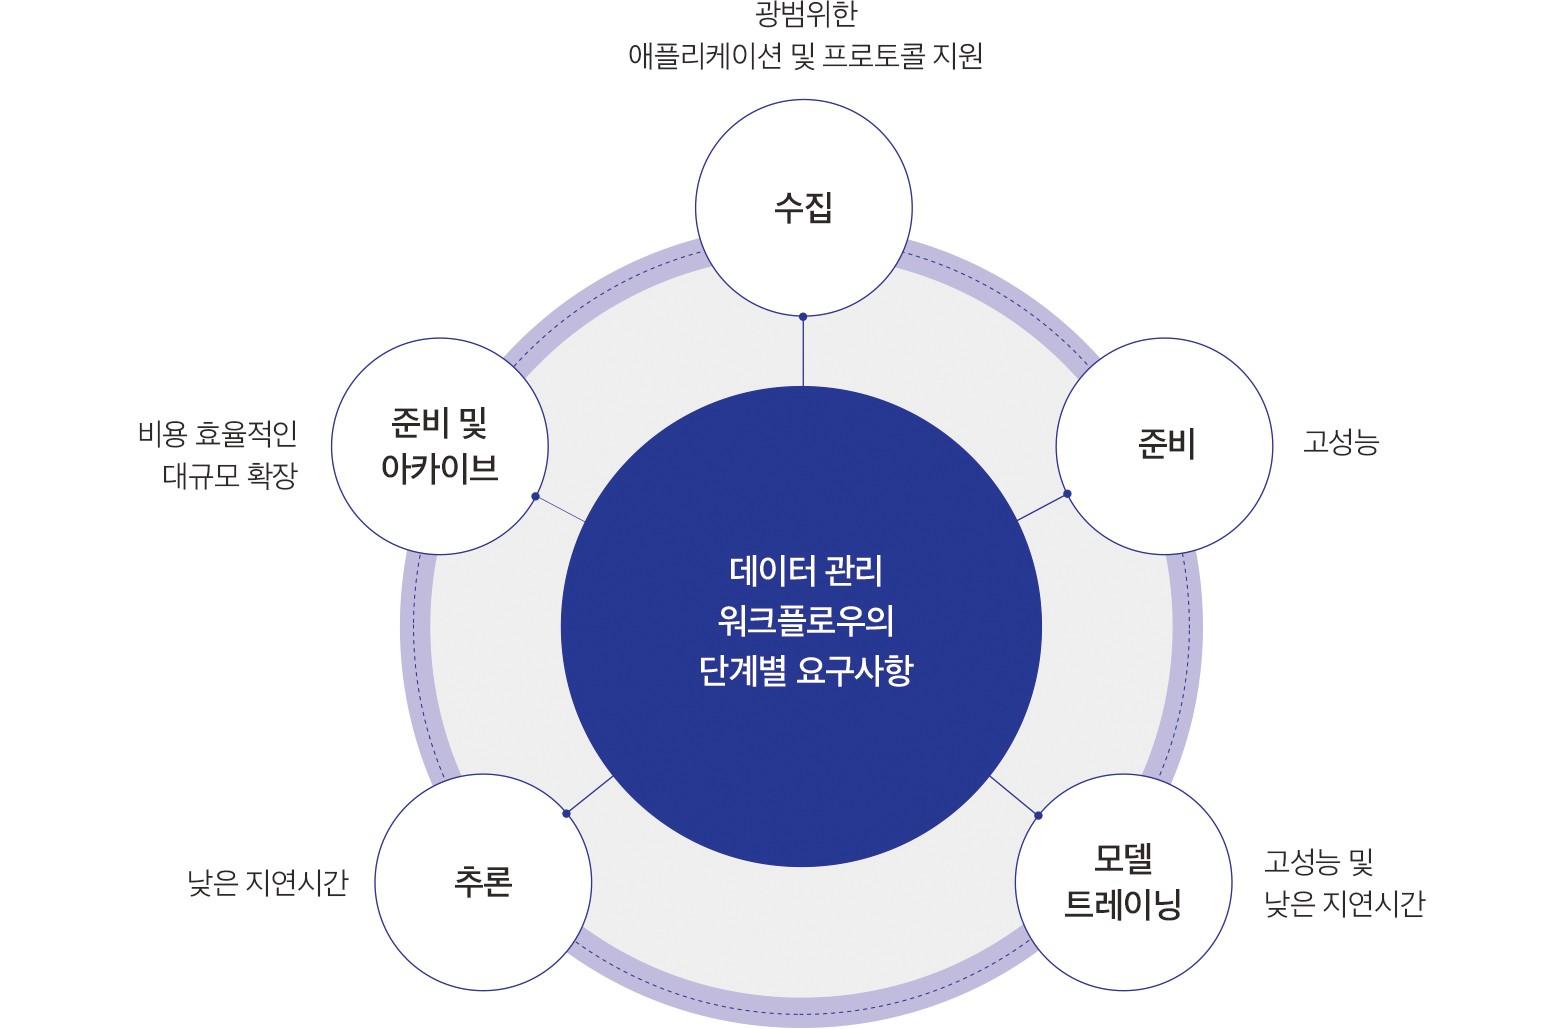 데이터 관리 단계별 요구사항의 차이